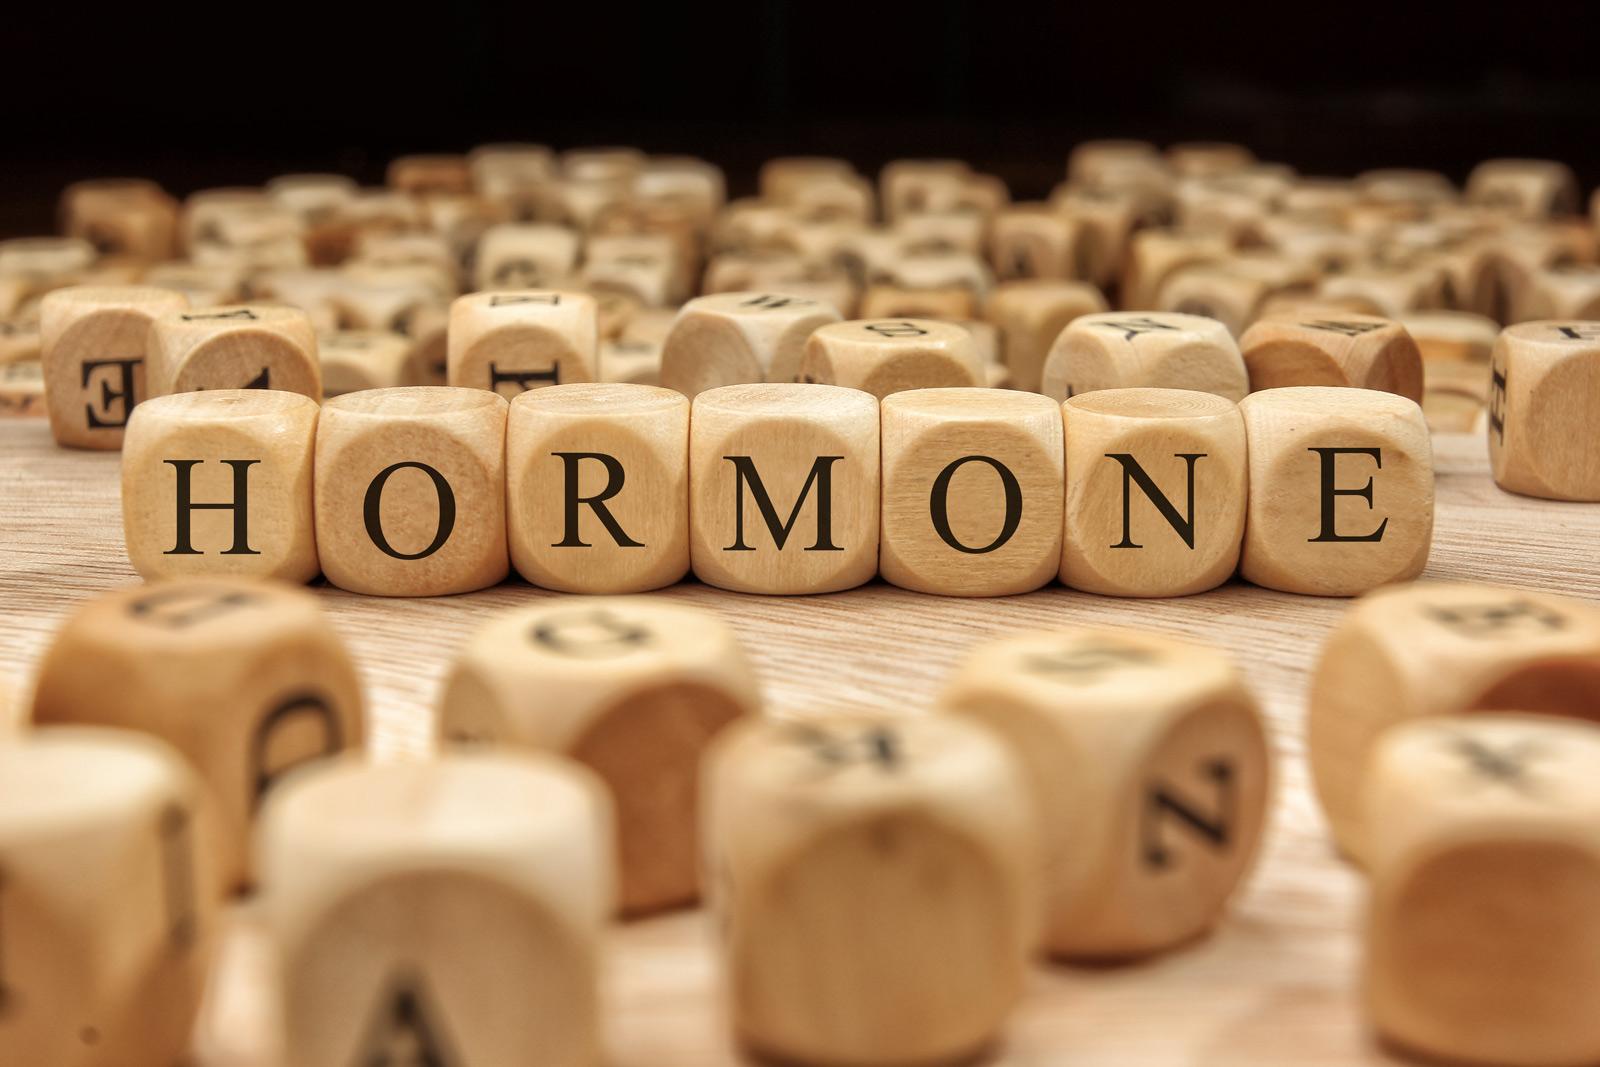 Les hormones : qu'est-ce que c'est ?